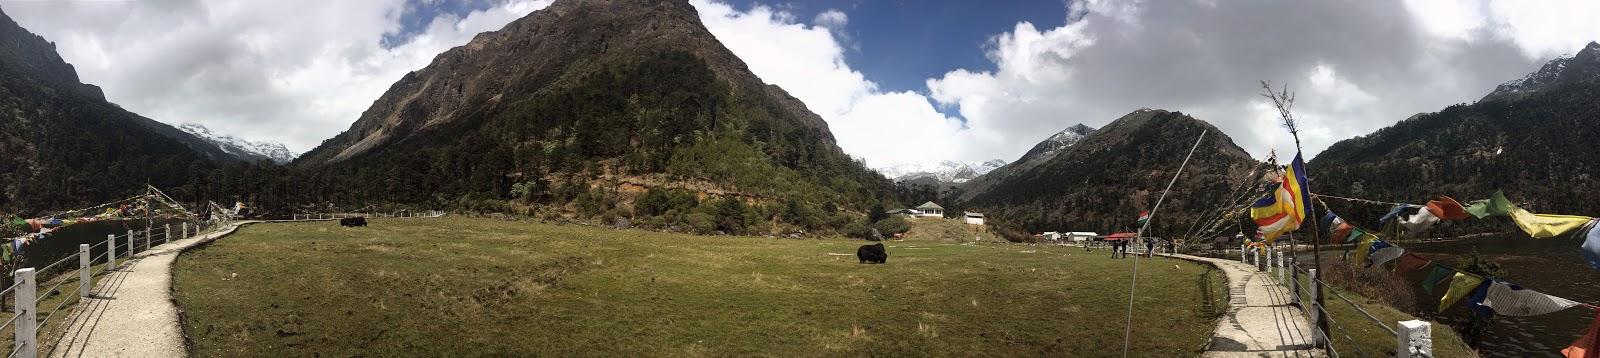 Madhuri panoramic